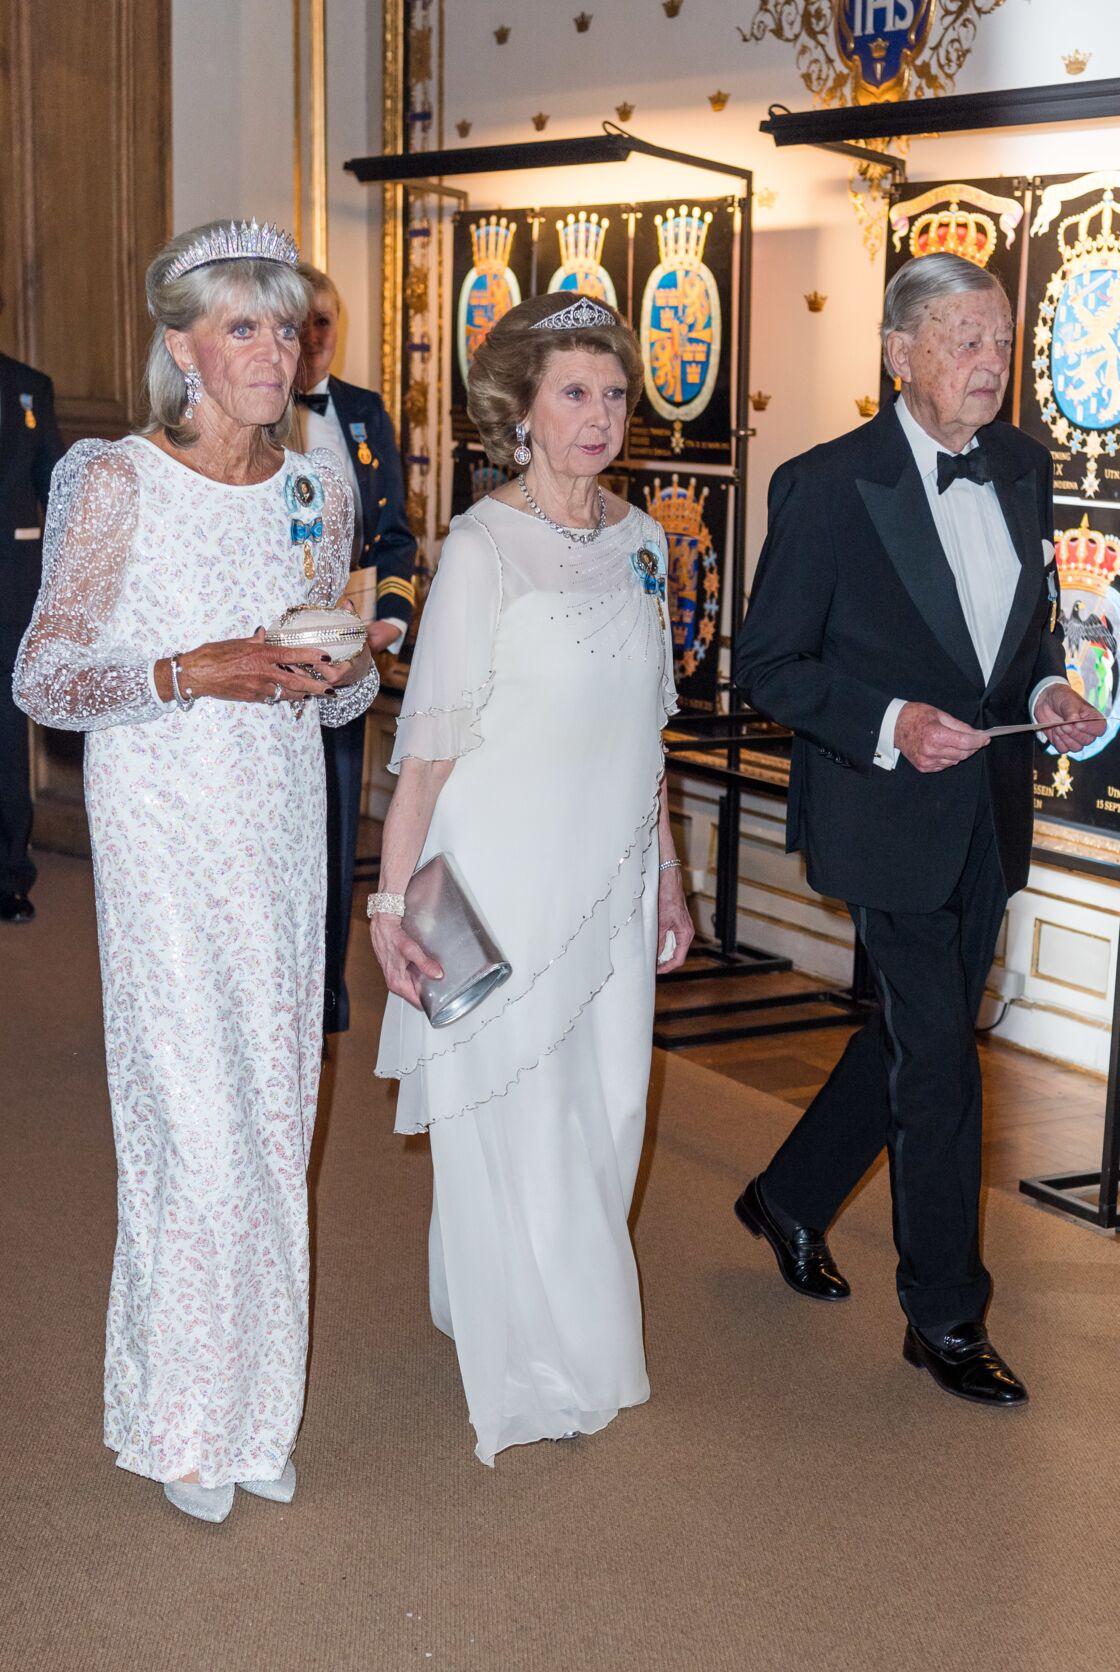 La princesse Birgitta en tenue d'apparat, lors du banquet donné en l'honneur des 70 ans de son frère Carl XVI Gustav, au palais royal de Stockholm, en avril 2018.